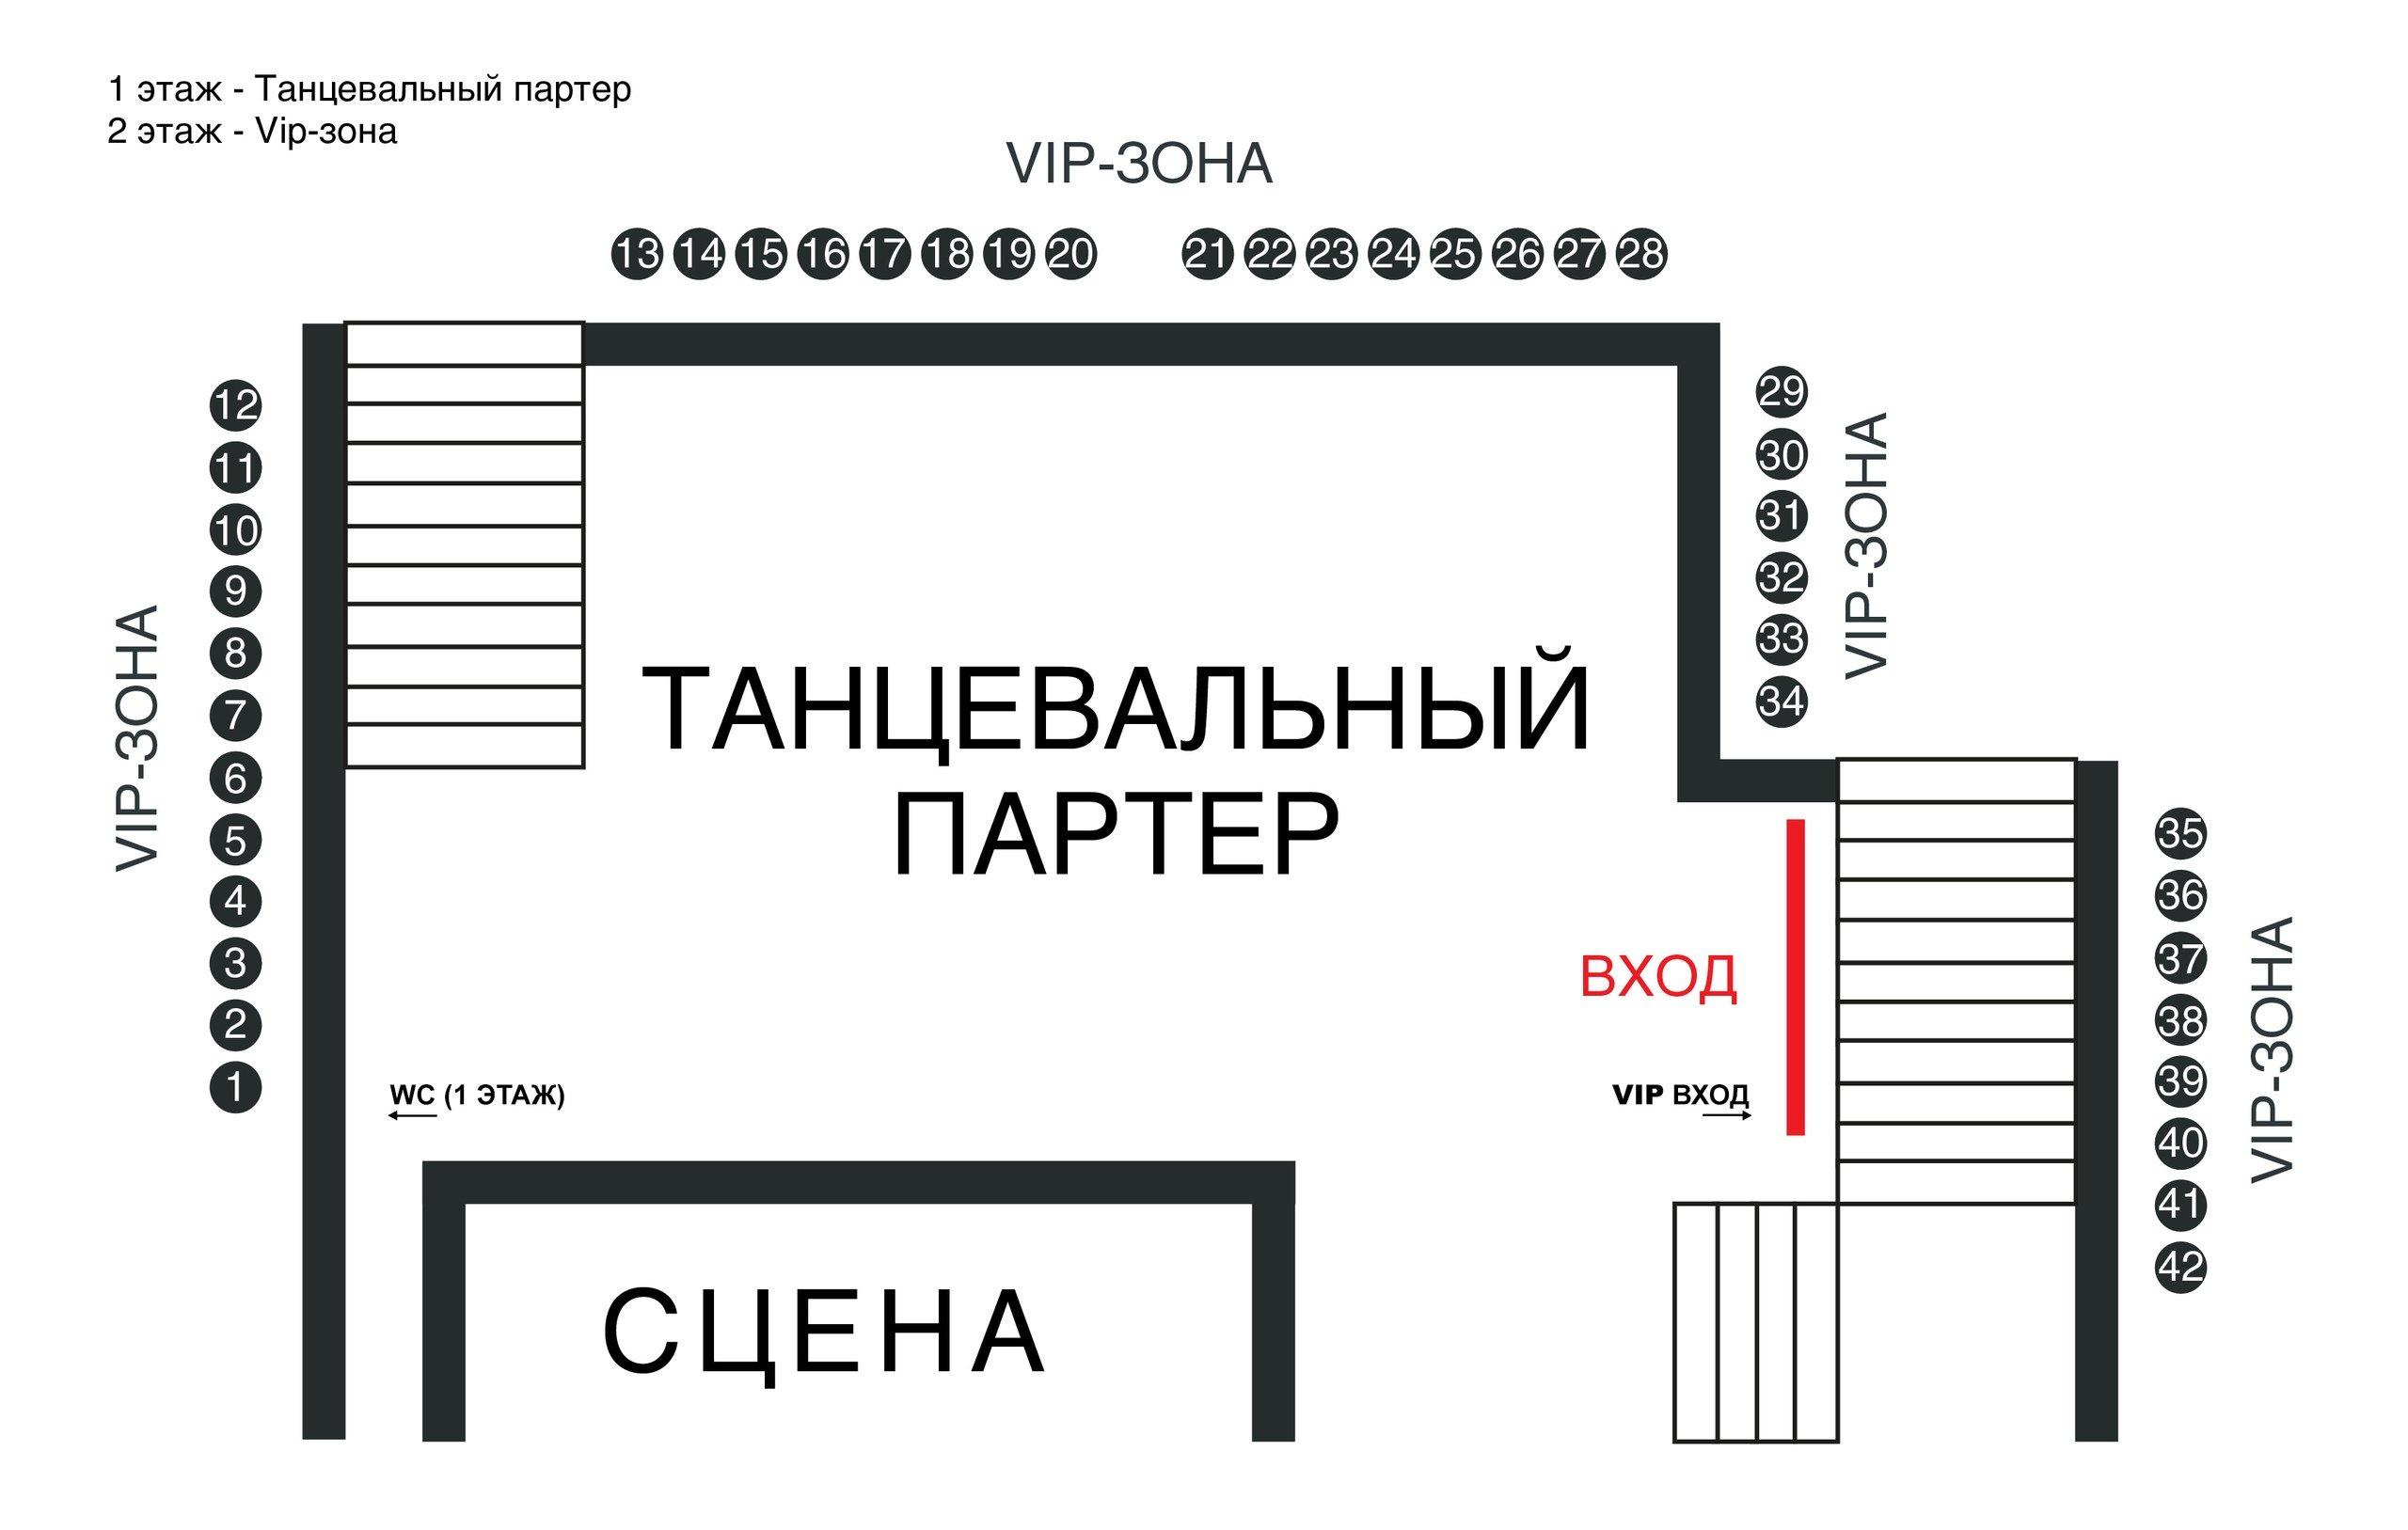 """Схема зала Клуб """"MILO Concert Hall"""" малый зал (Нижний Новгород)"""